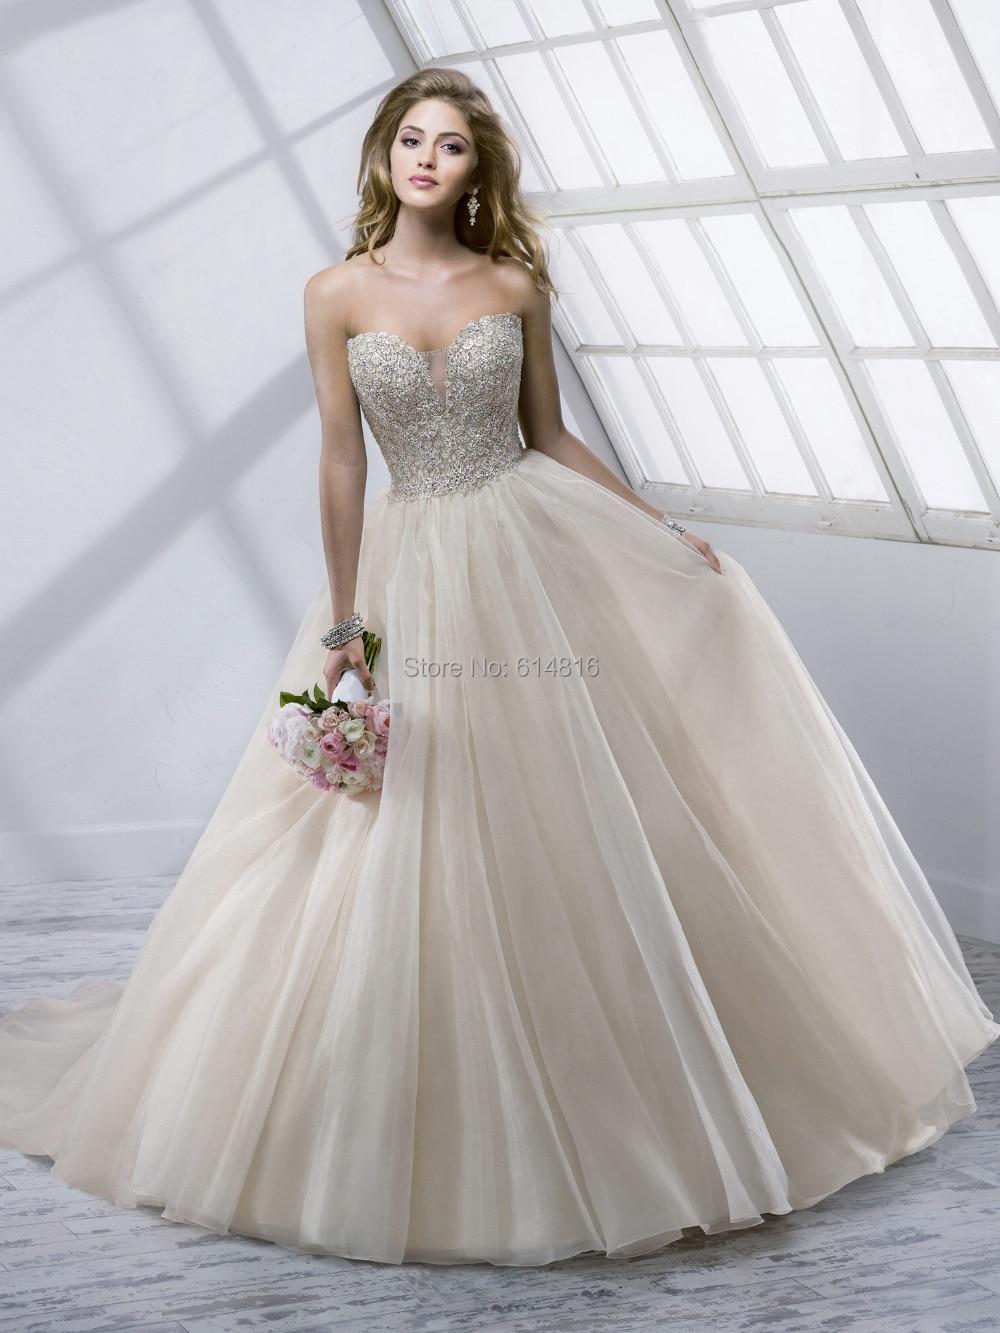 list detail beige wedding dress beige wedding dress Trends Beige Wedding Dress Wedding Ref